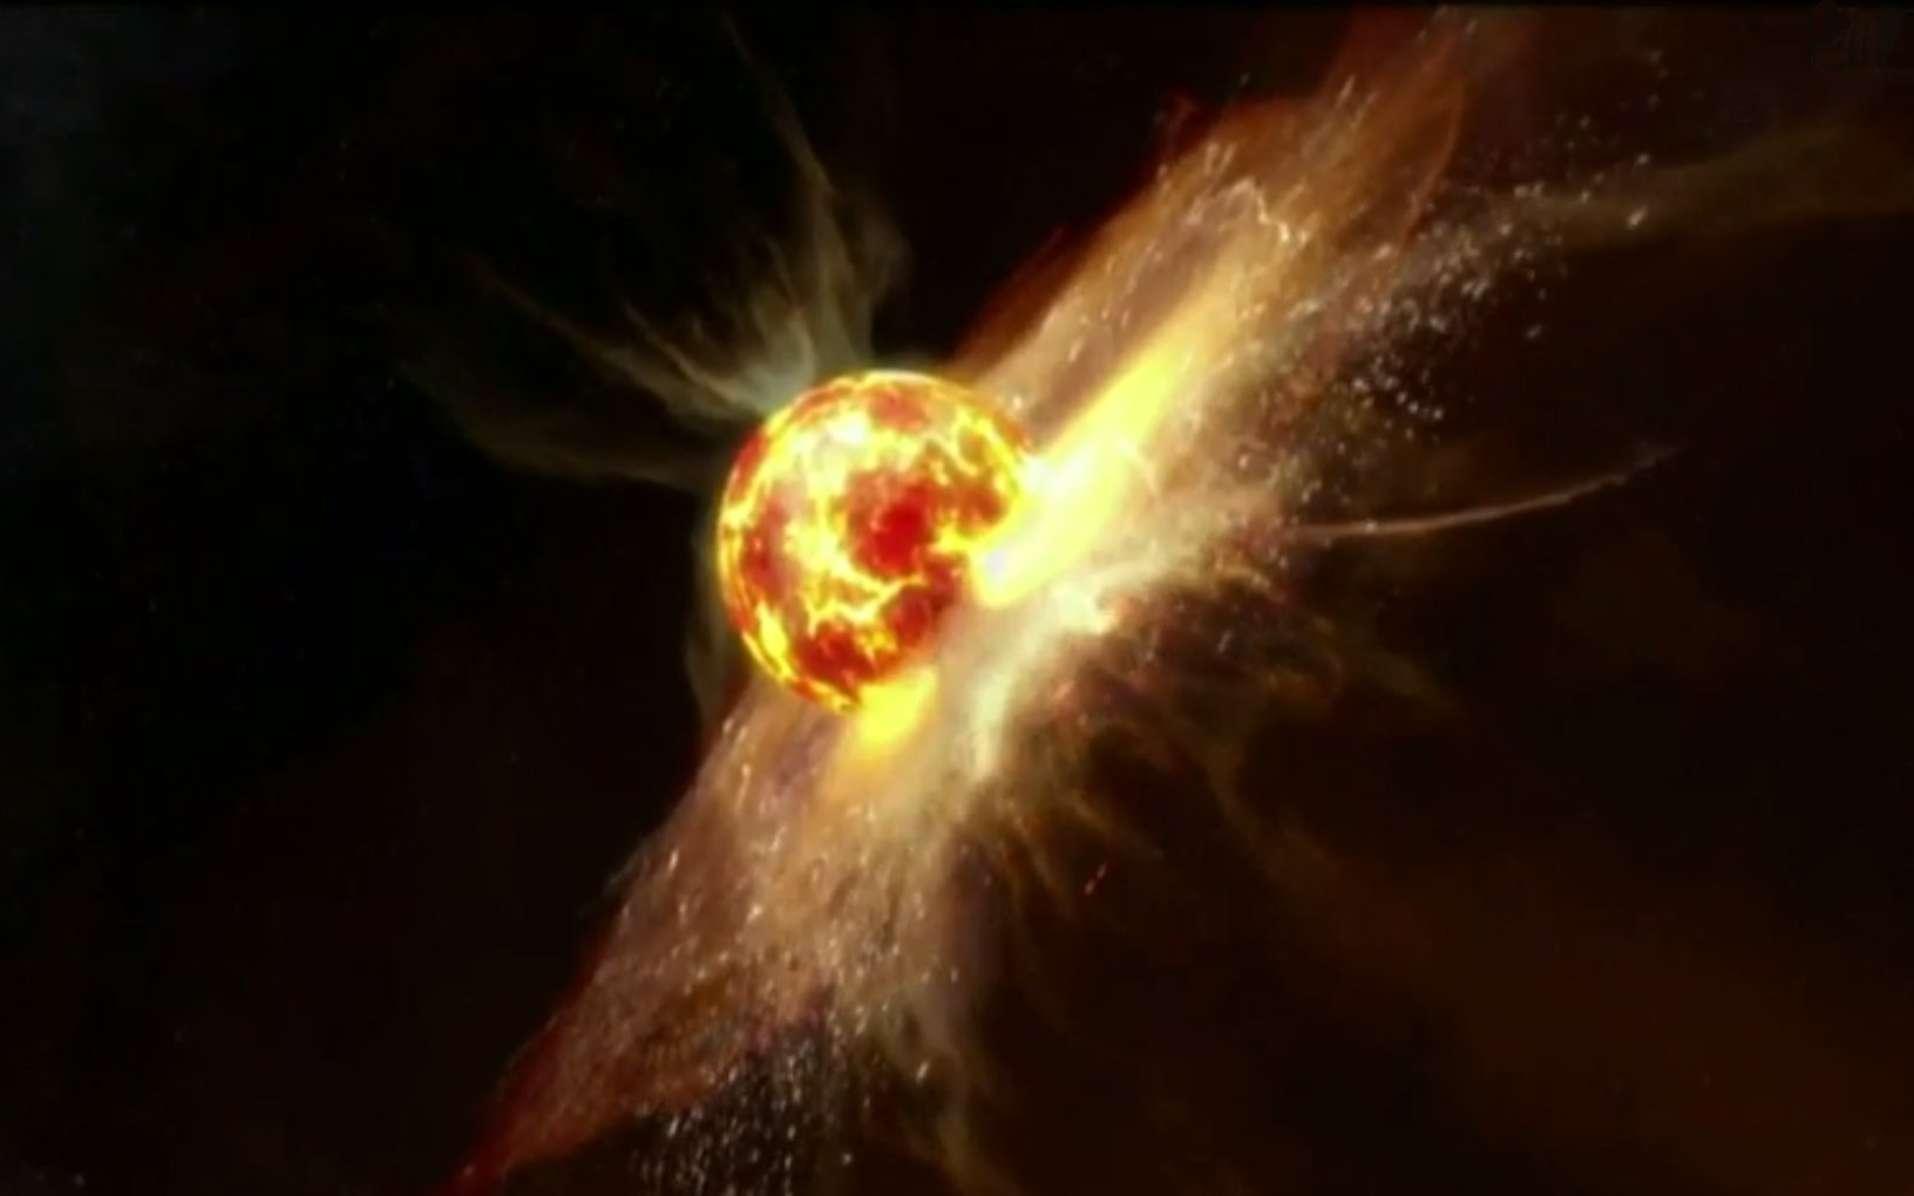 La planète la plus proche du jeune Soleil est victime d'une terrible collision. Une grande partie de la matière des deux corps sera éjectée, ne laissant qu'un noyau incandescent. Mercure prendra alors, aux cratères près, le visage qu'elle a aujourd'hui. © Discovery Science